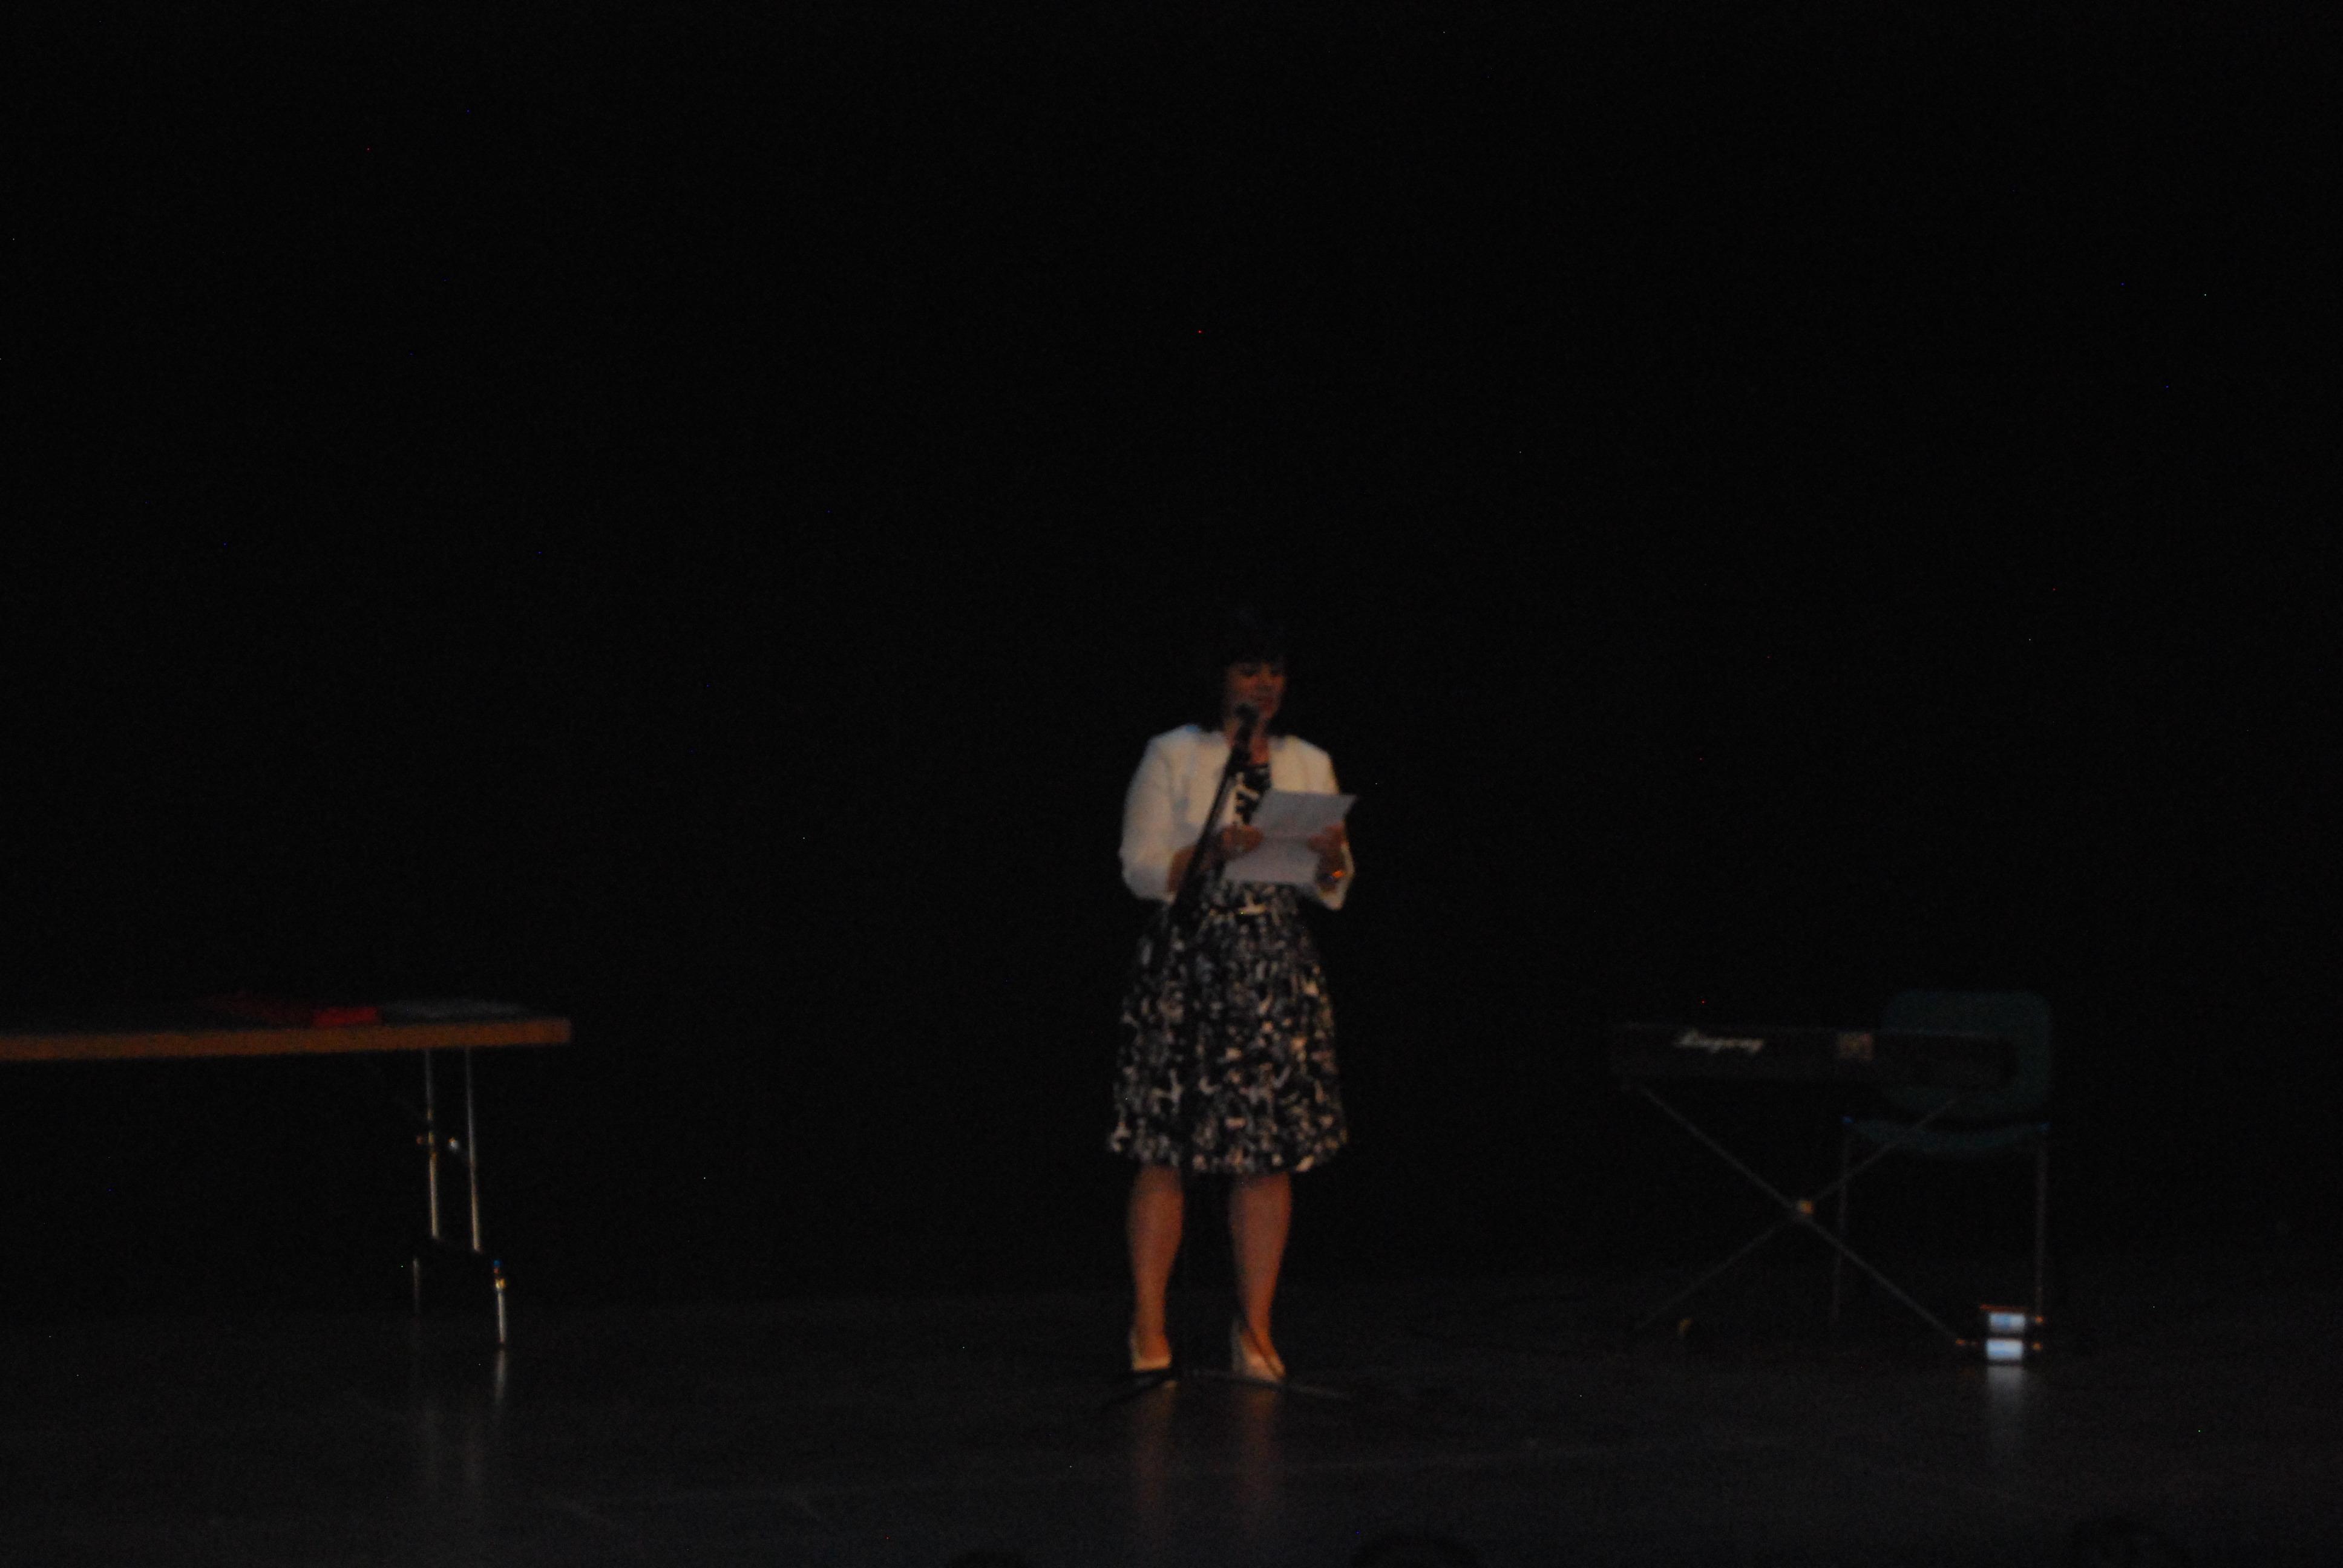 Graduación - 2º Bachillerato - Curso 2017/18 - Álbum # 5 4